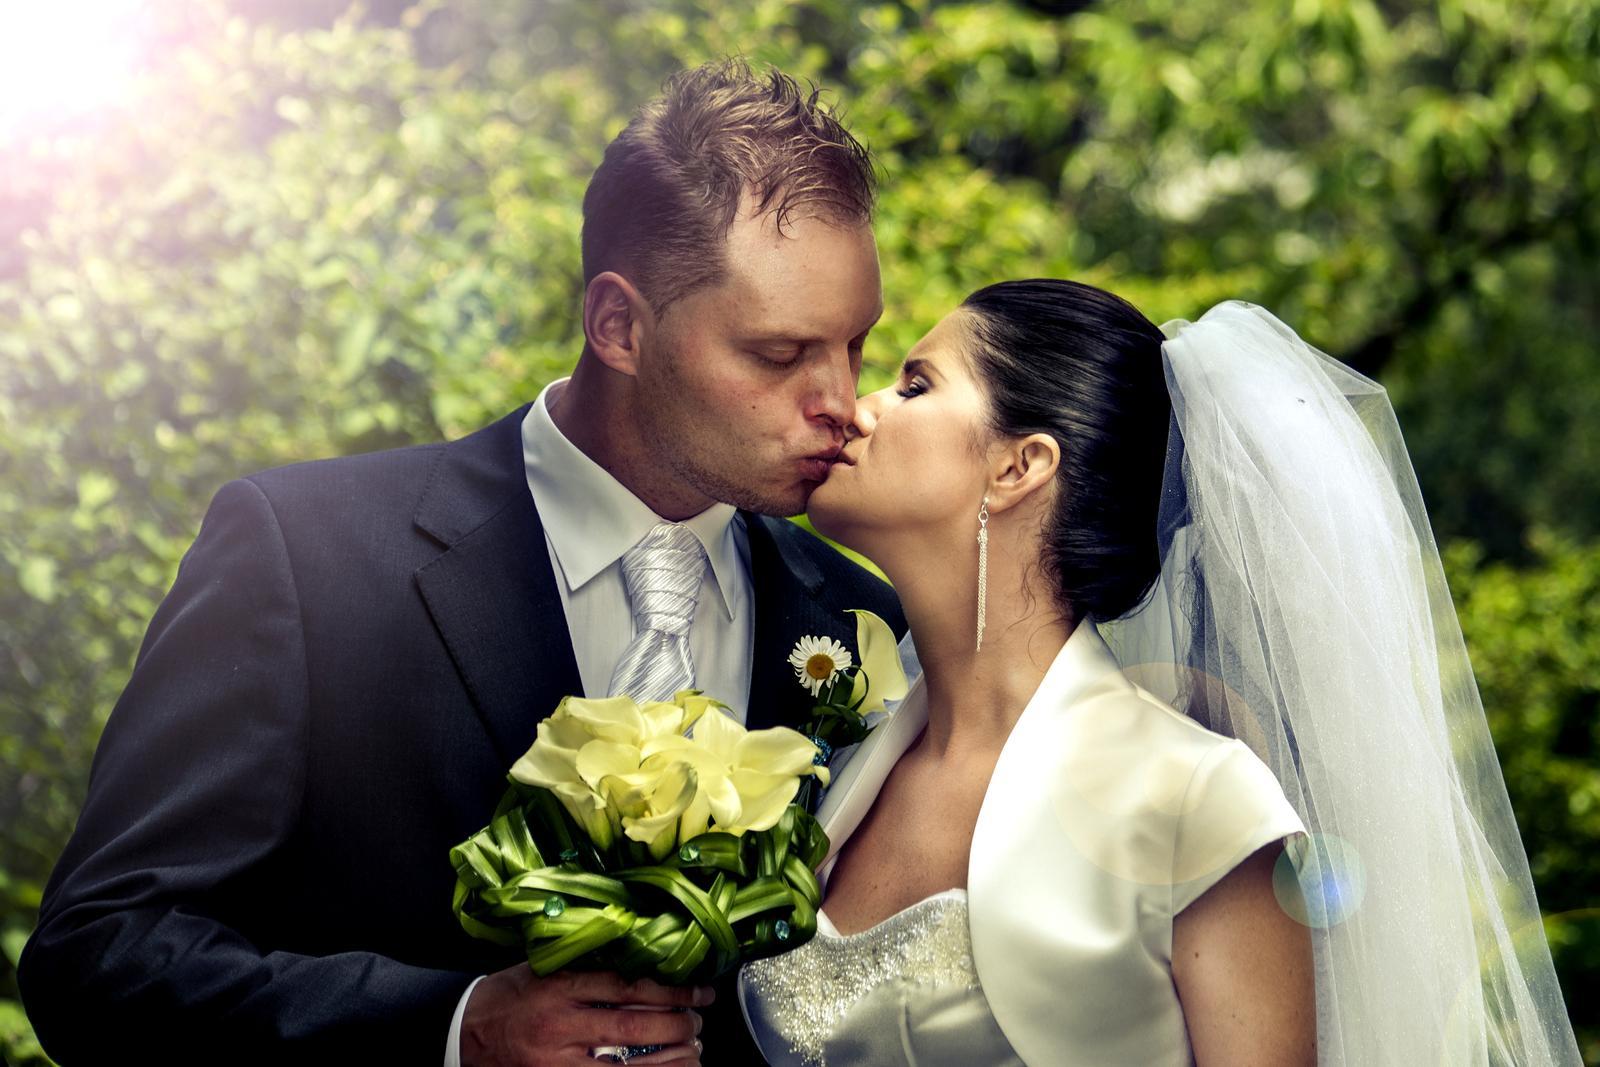 Dobrý deň, ponúkam svadobné... - Obrázok č. 1